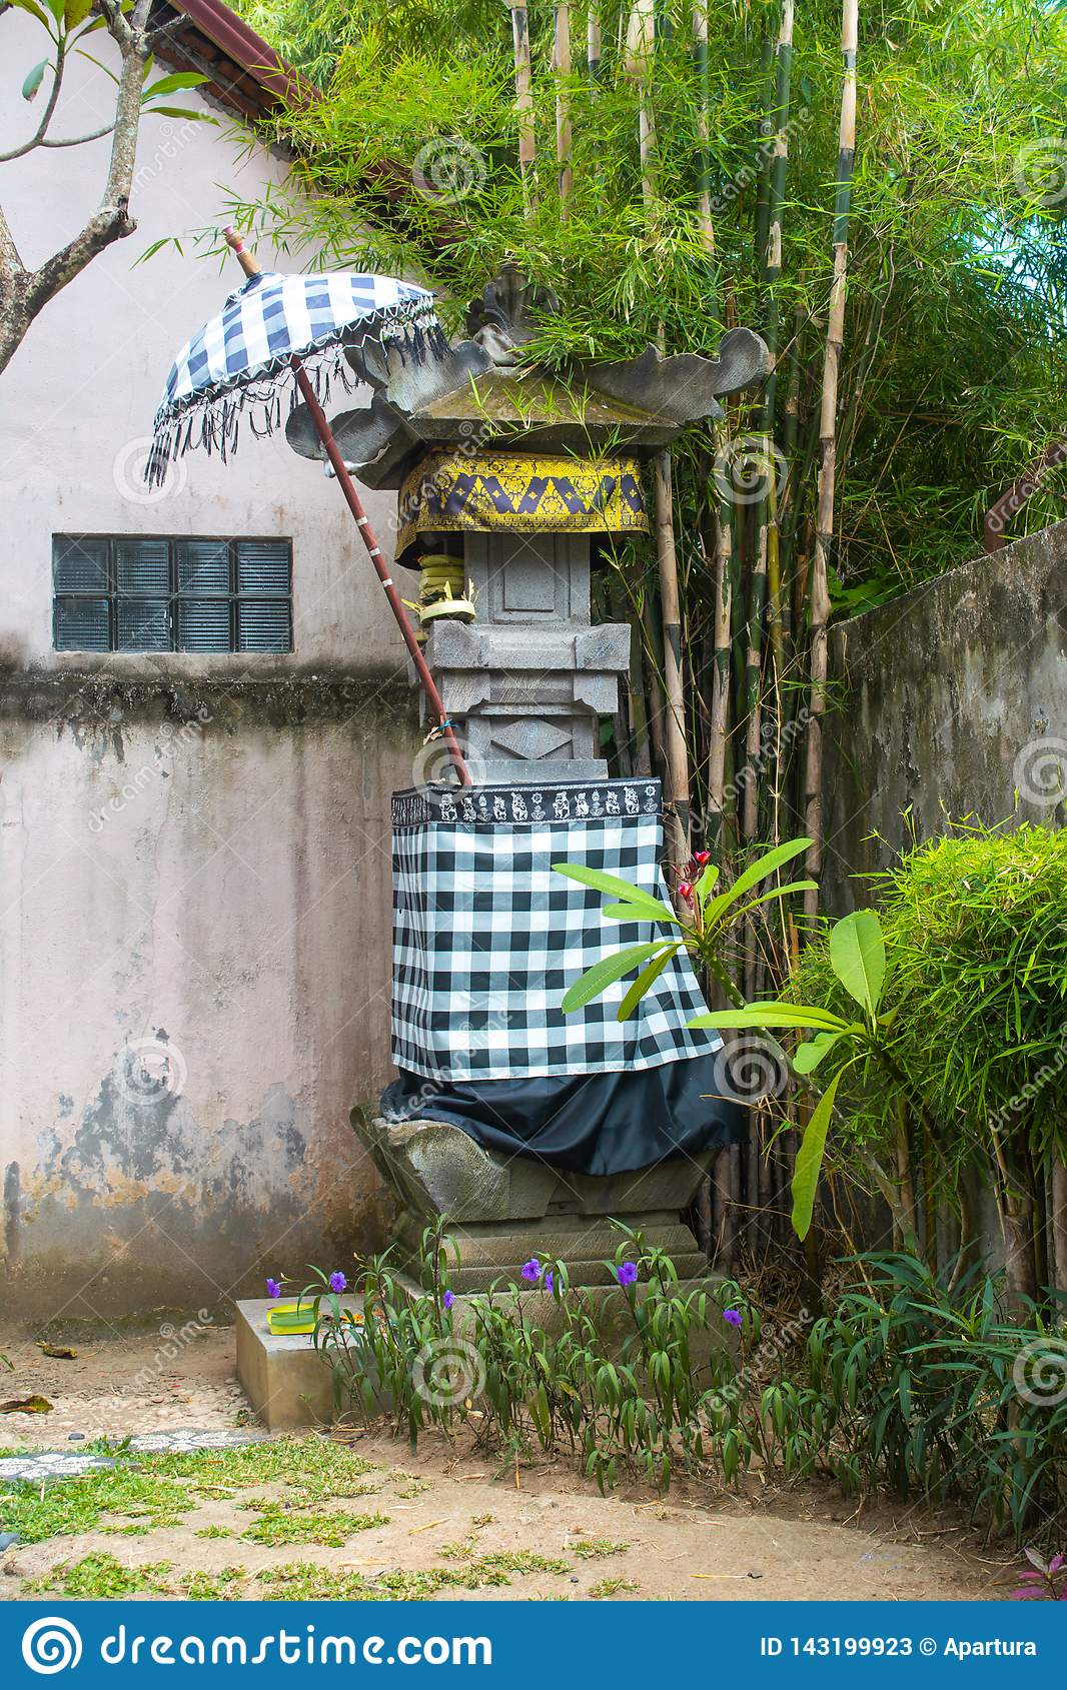 Traditionelle Tempel-Verzerrung mit Schwarzweiss-Kontrolleur-Muster-Gewebe und unter Regenschirm-und Bambusbaum